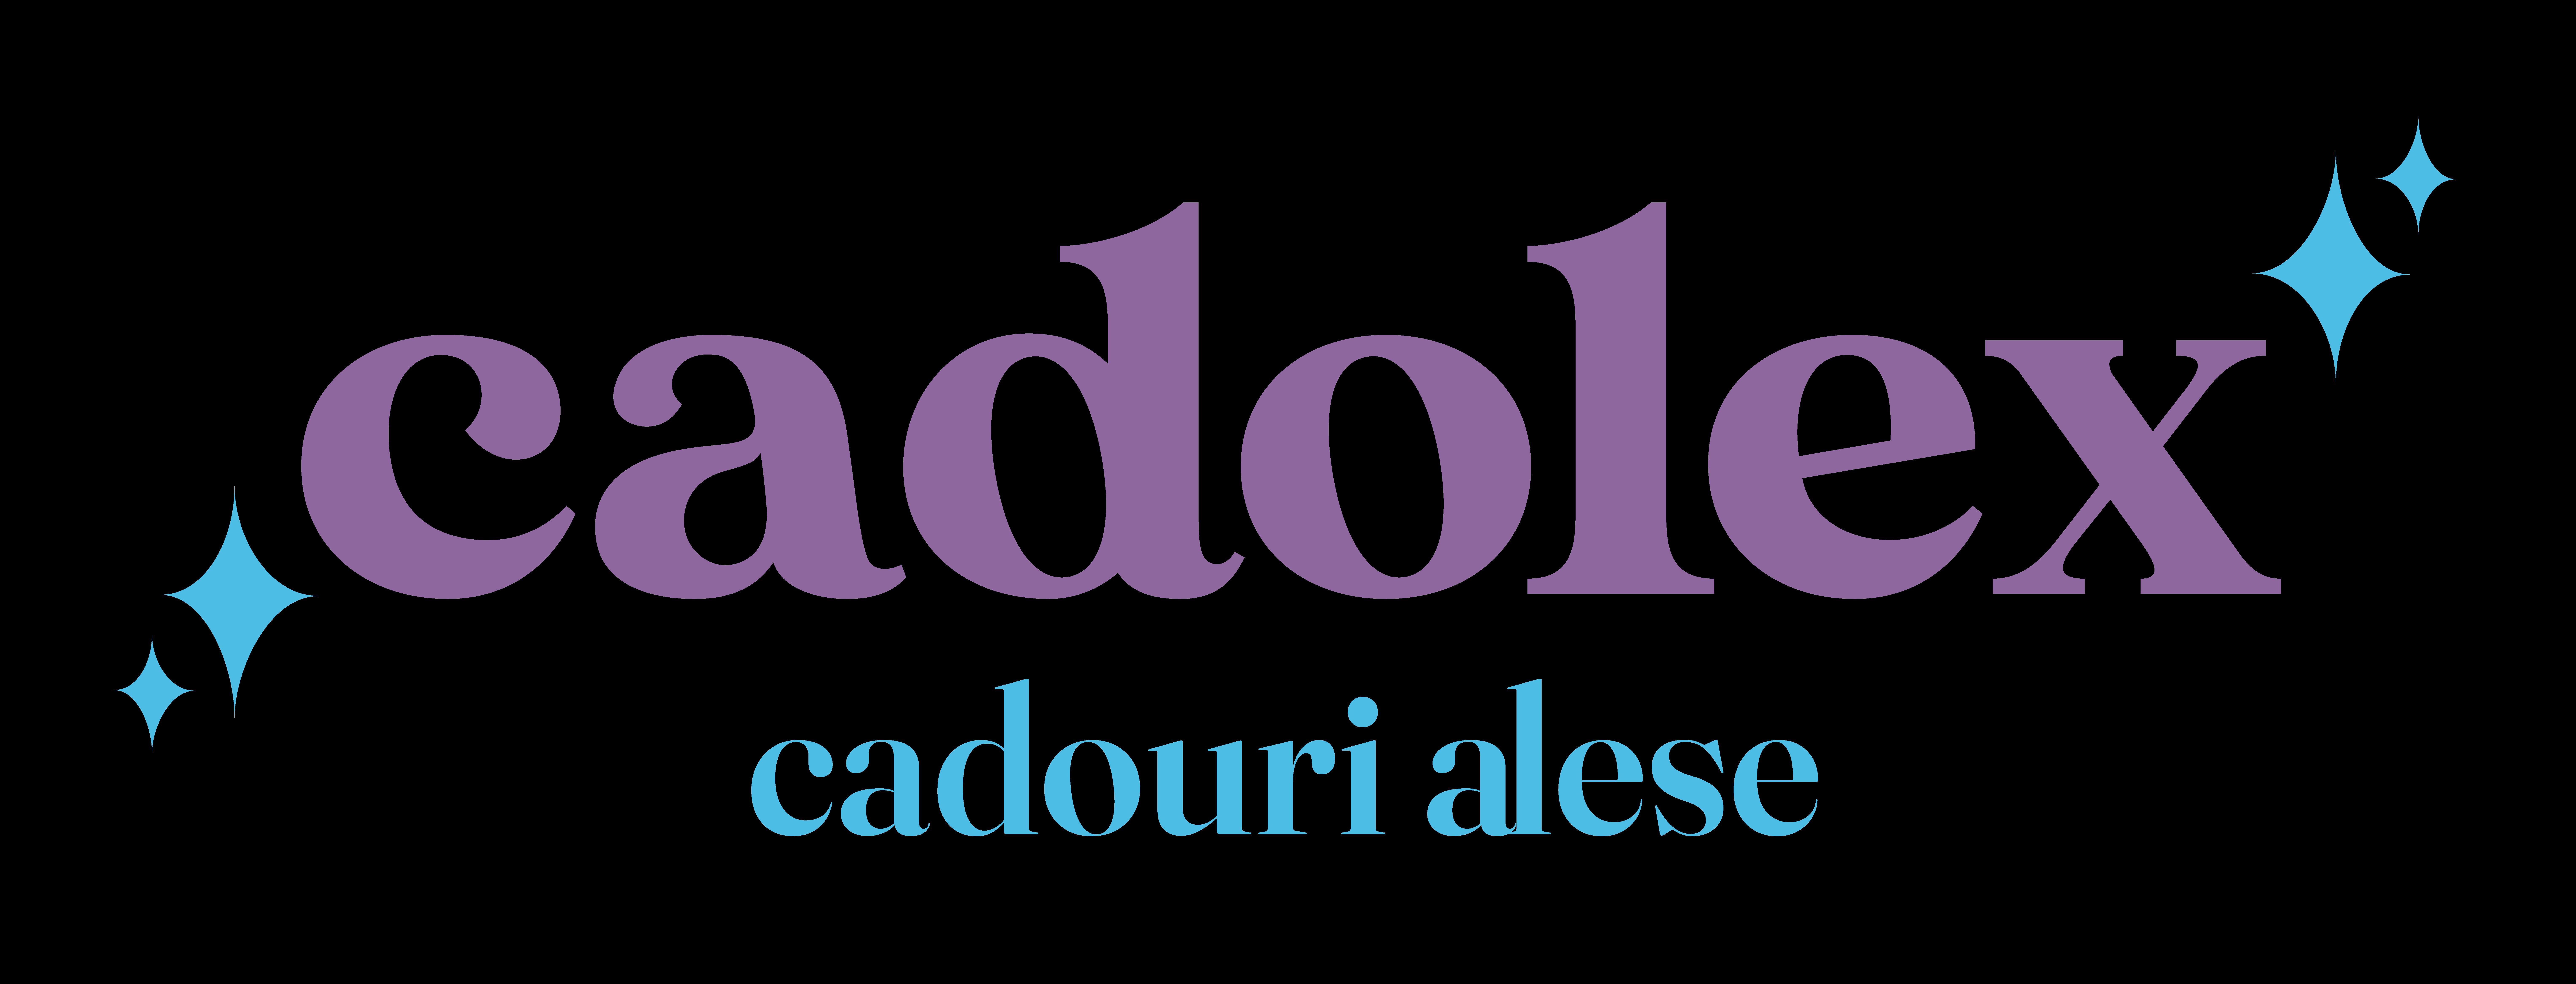 logo-cadolex-alt-12